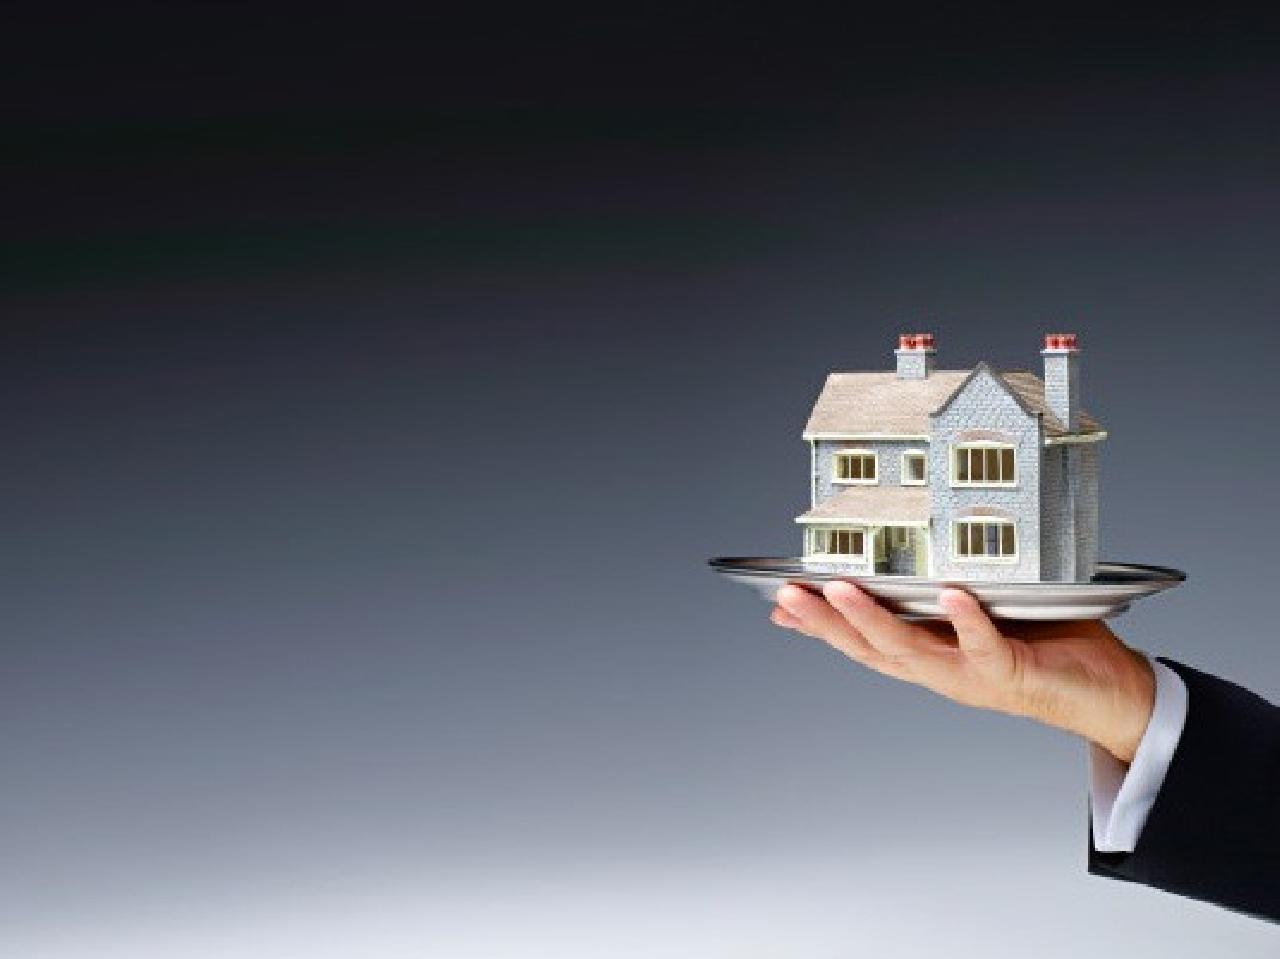 Вторичный рынок жилья в доминиканекупить домик недорого